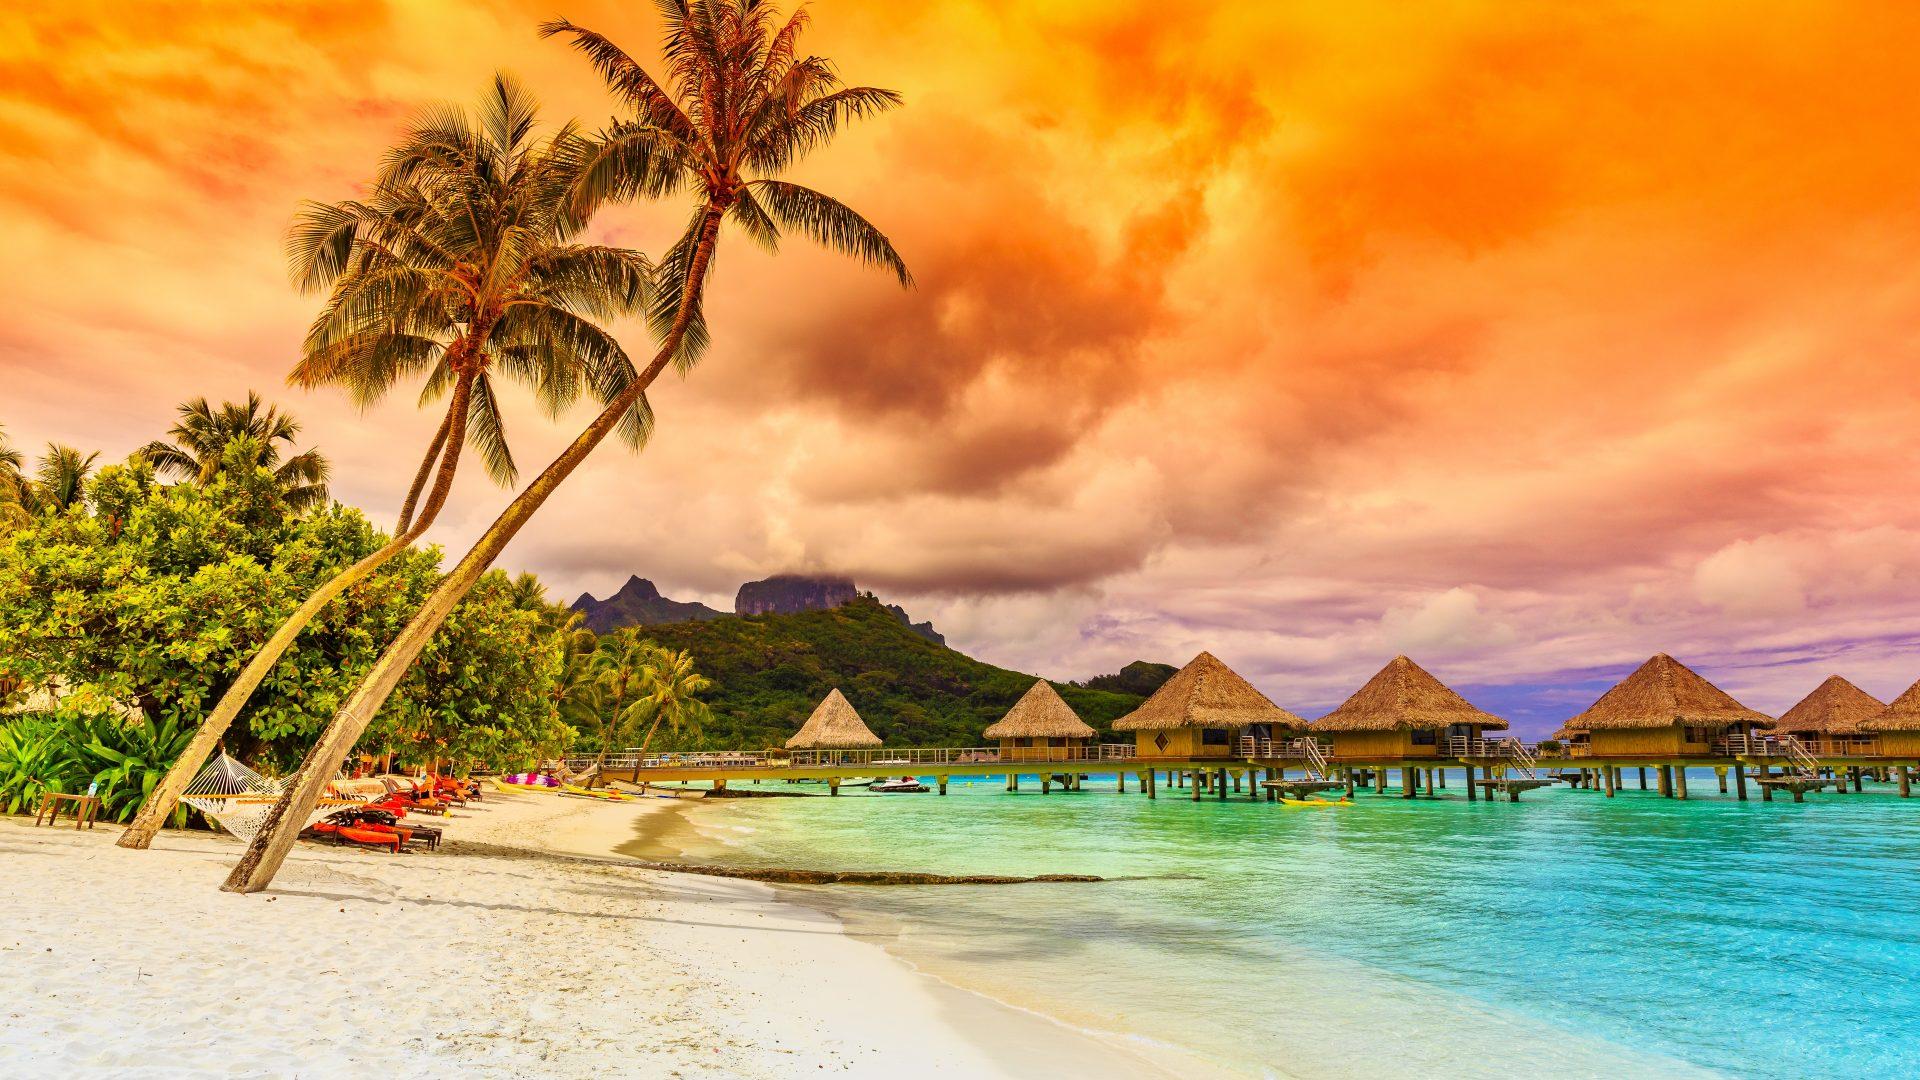 Cercasi coppie o famiglie per girare un video a Tahiti: come candidarsi